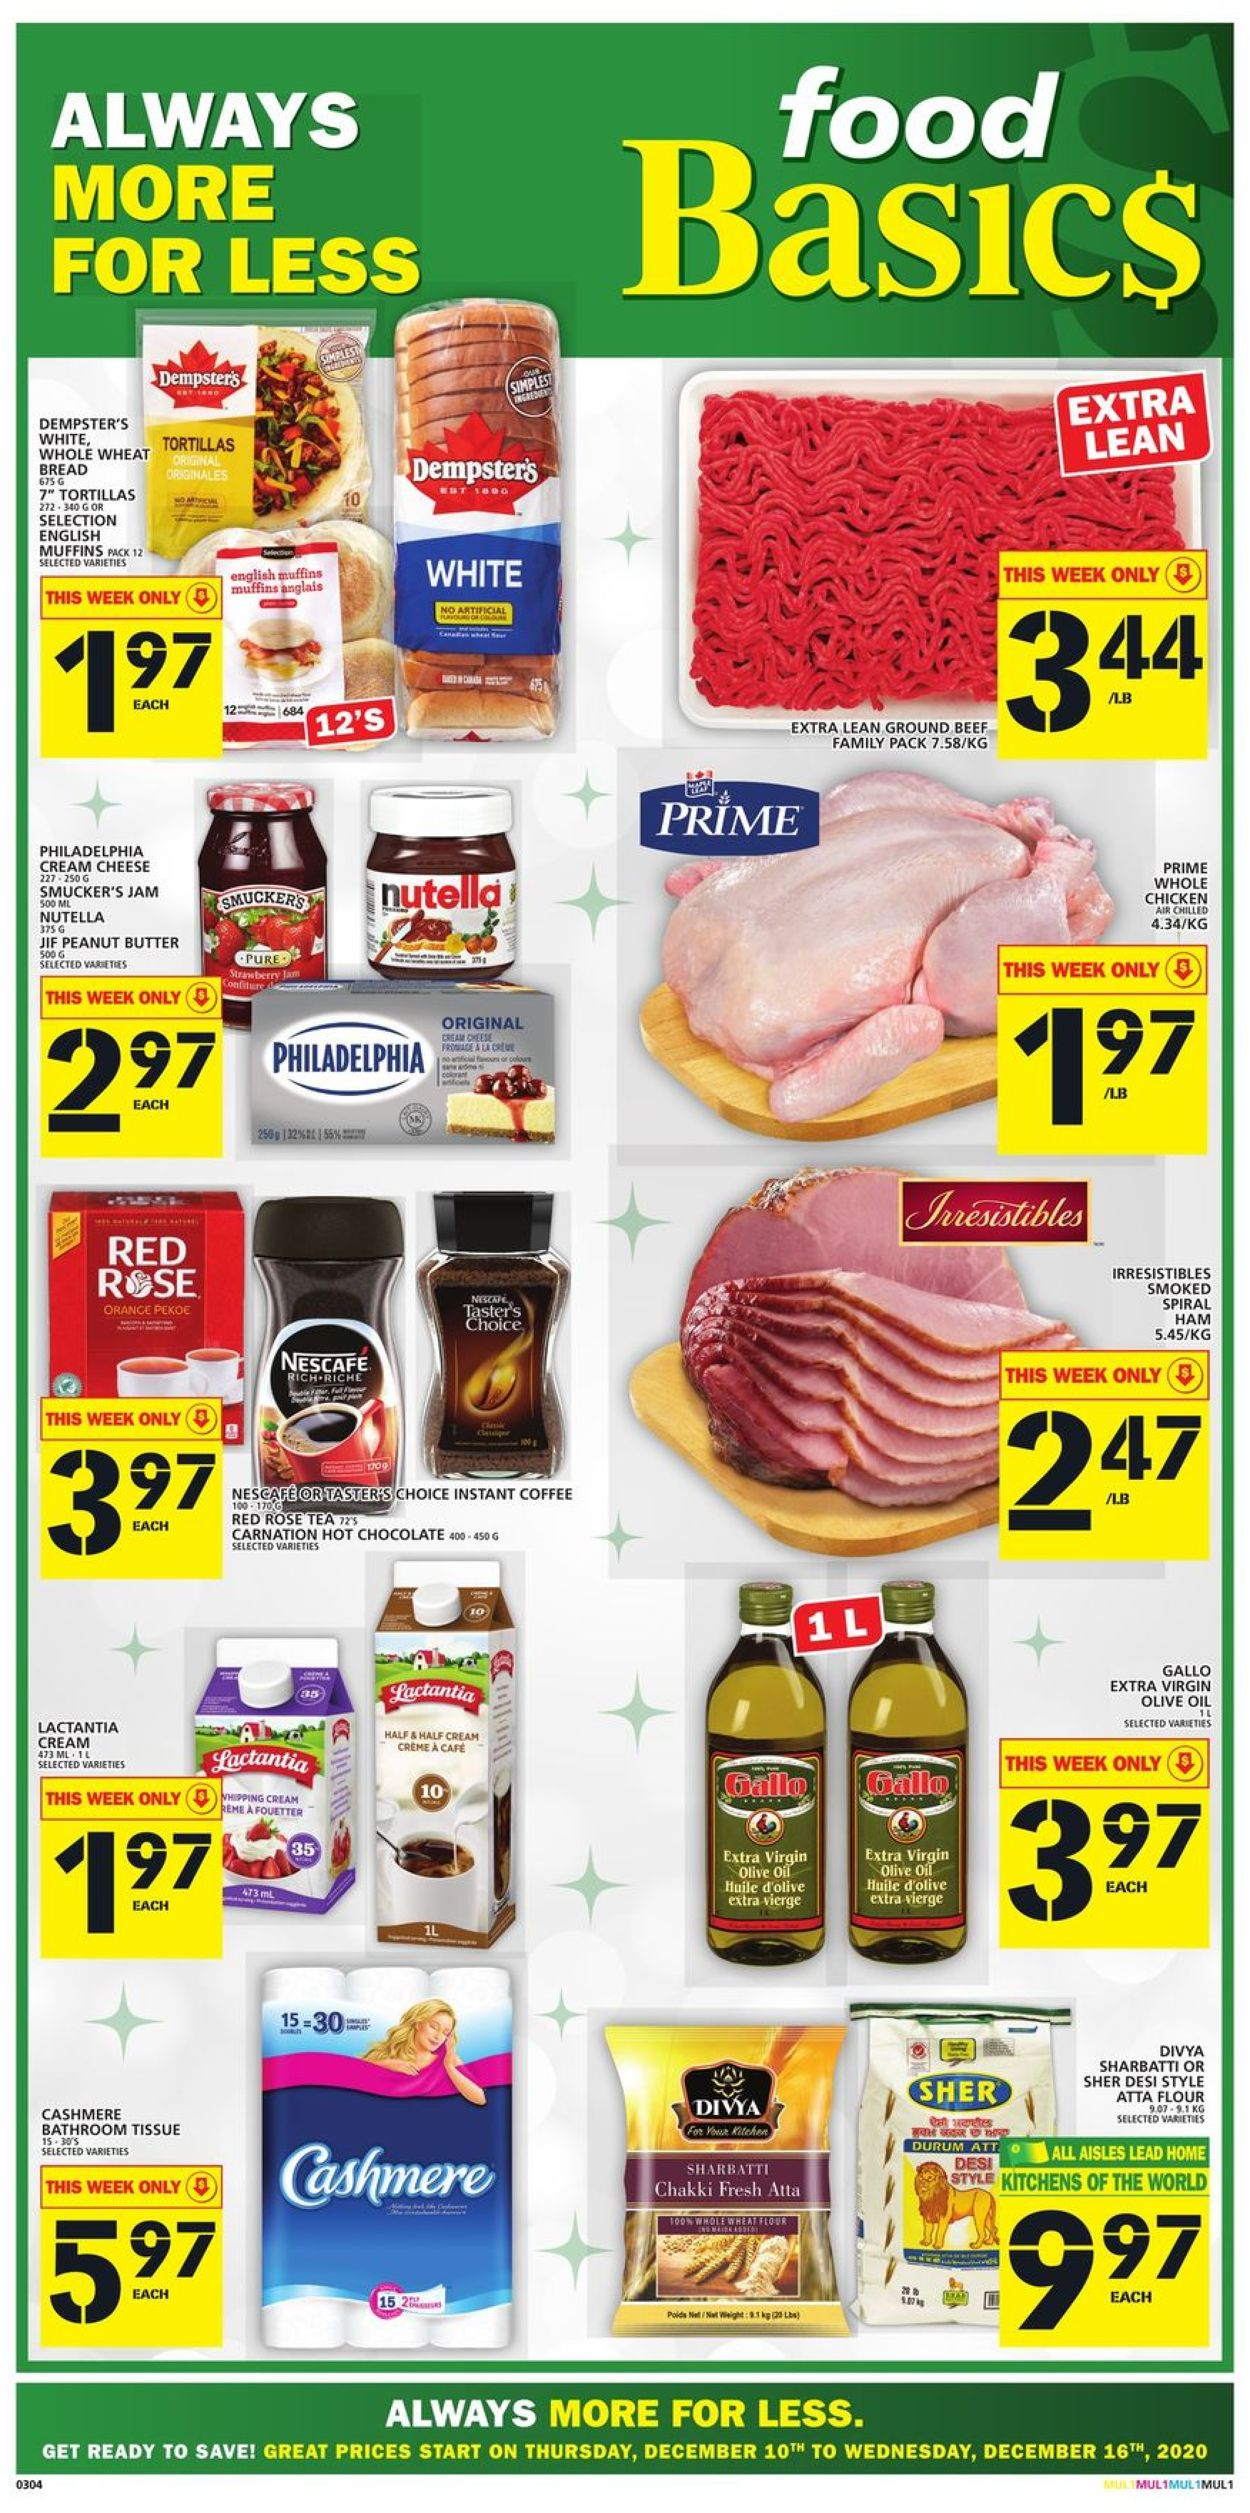 Food Basics - Christmas 2020 Flyer - 12/10-12/16/2020